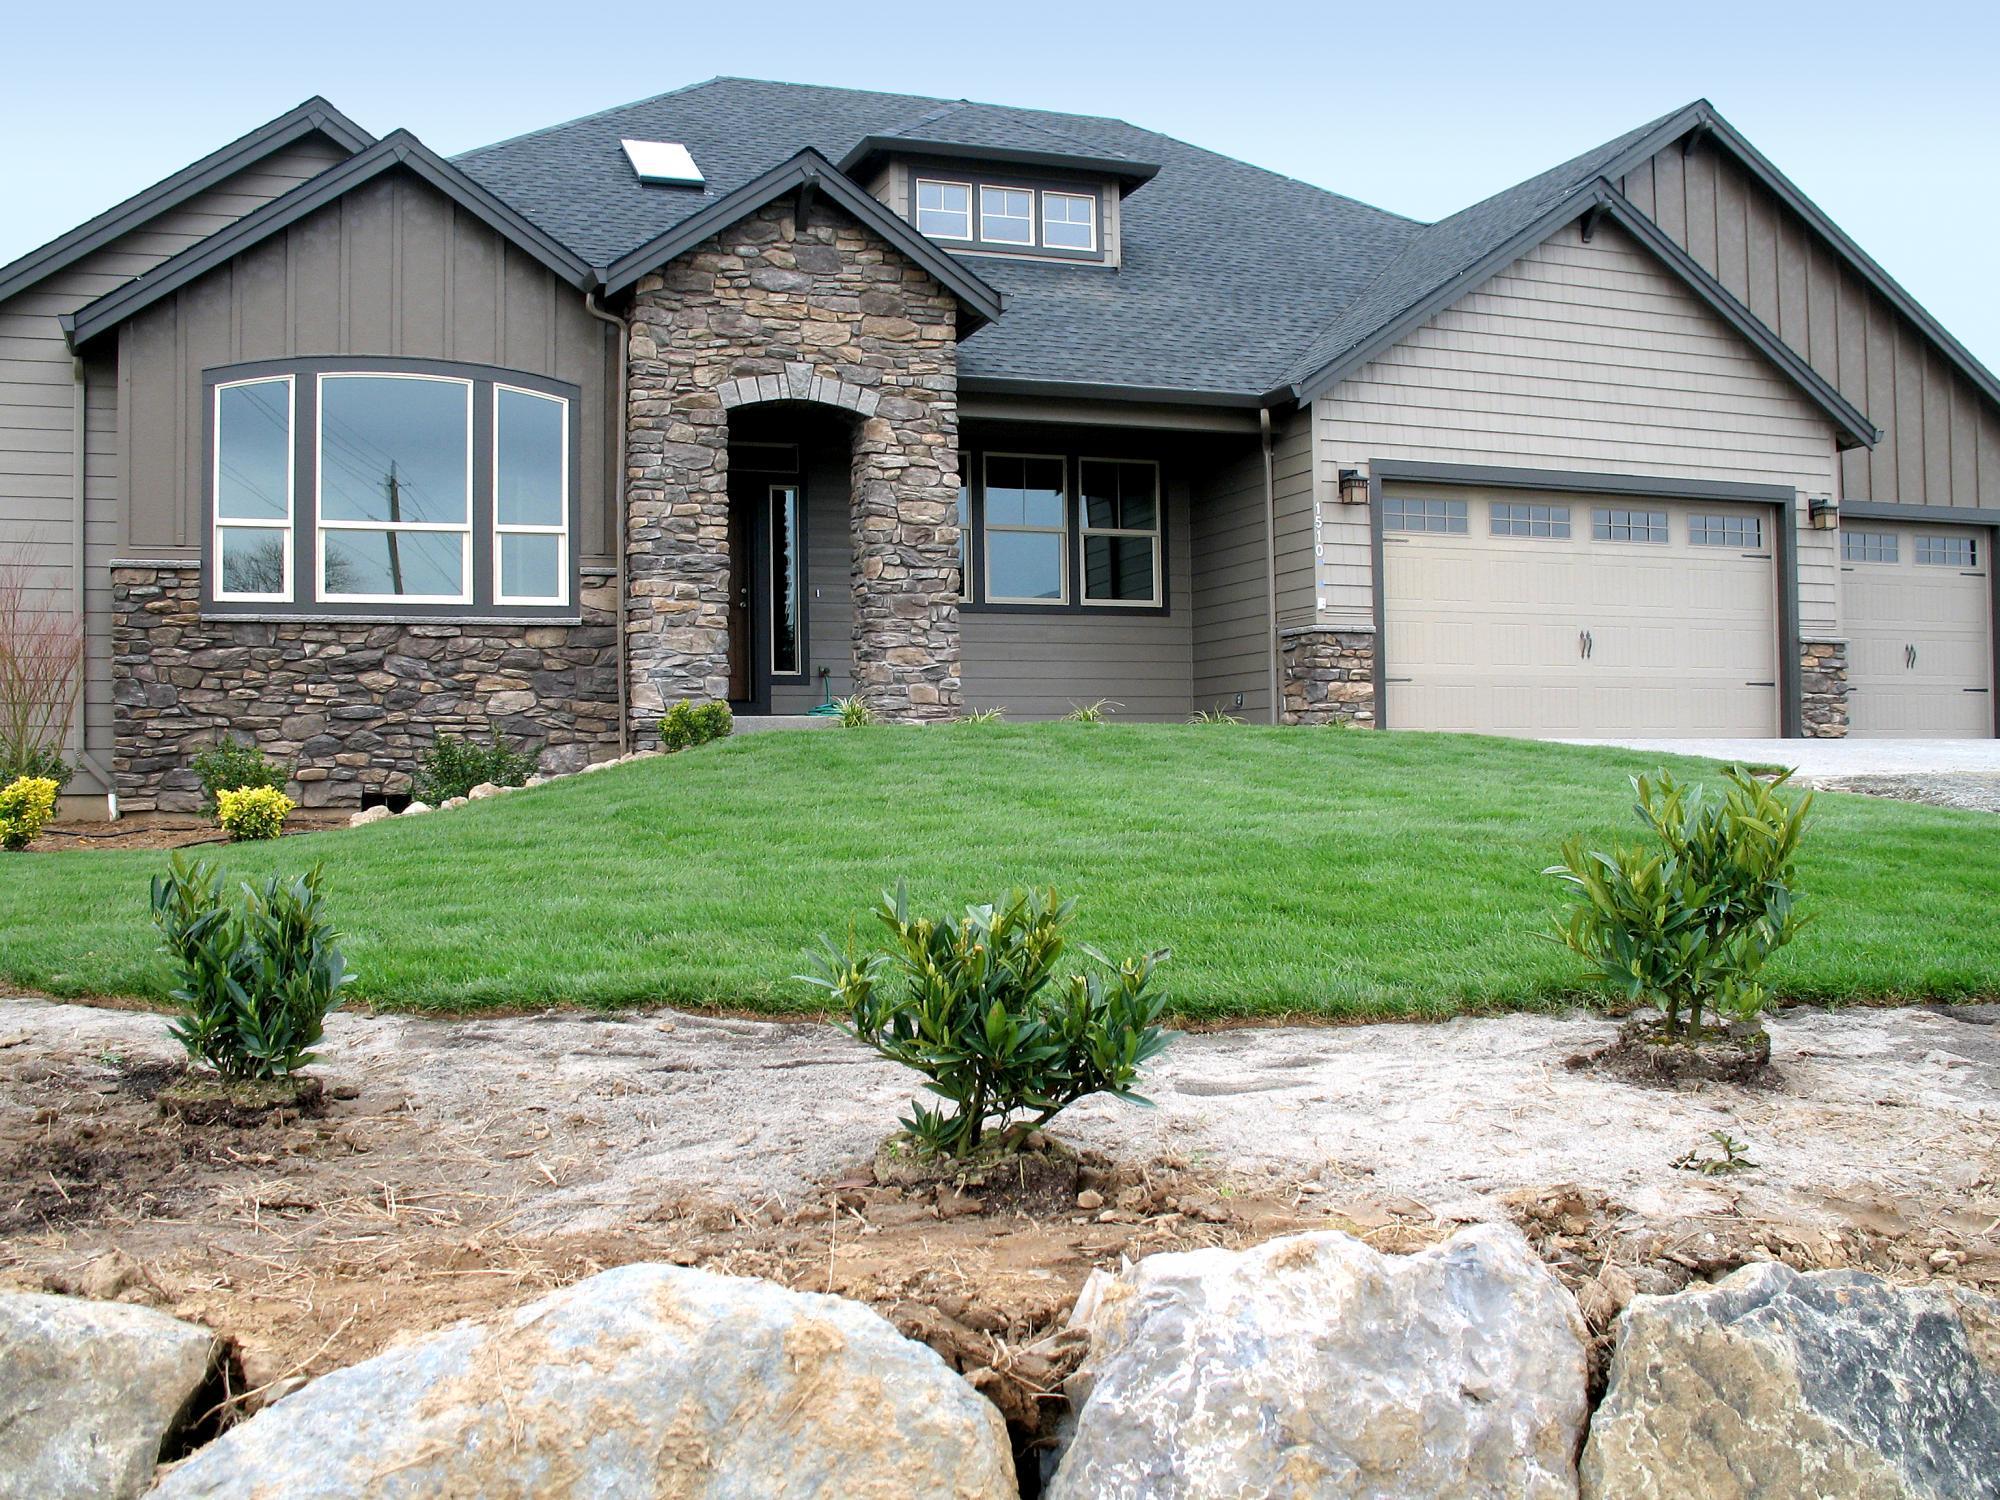 20806 209th Loop SE, Covington, WA Homes & Land - Real Estate